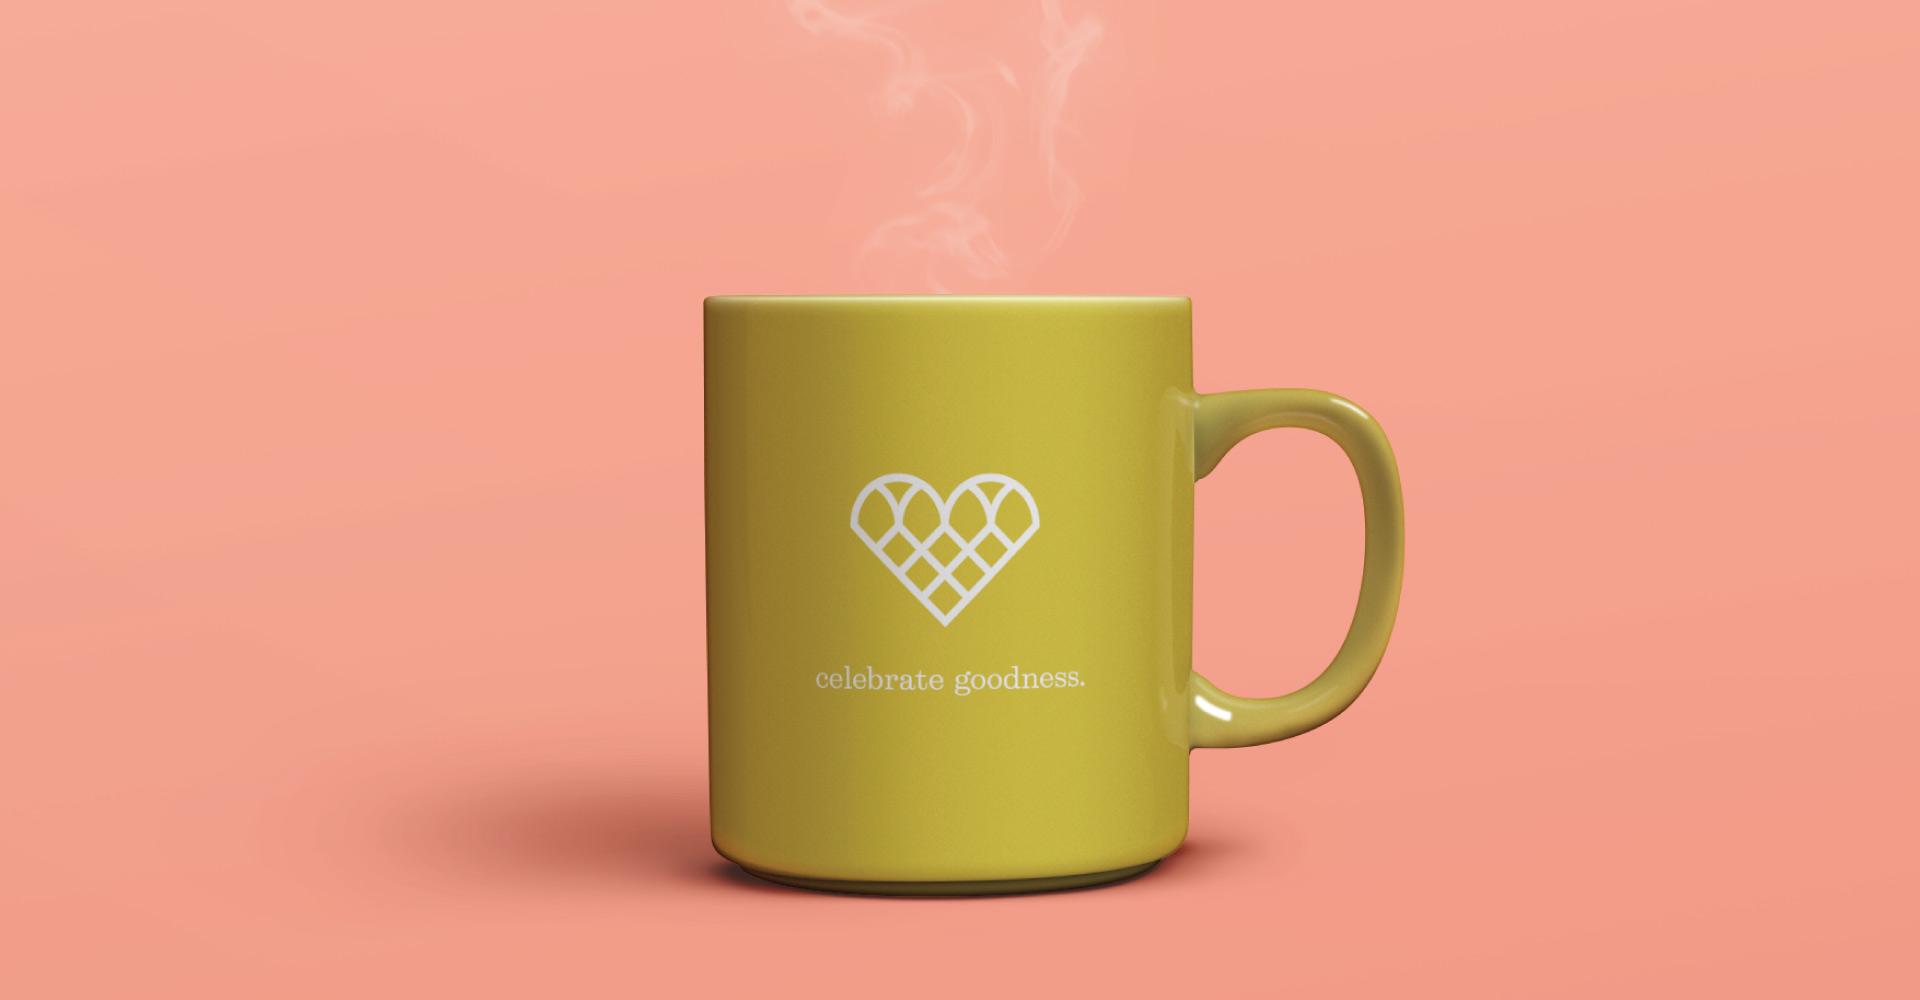 Creative_Retail_Packaging_Sweet_Week_Seattle_Branding_Design_06.jpg